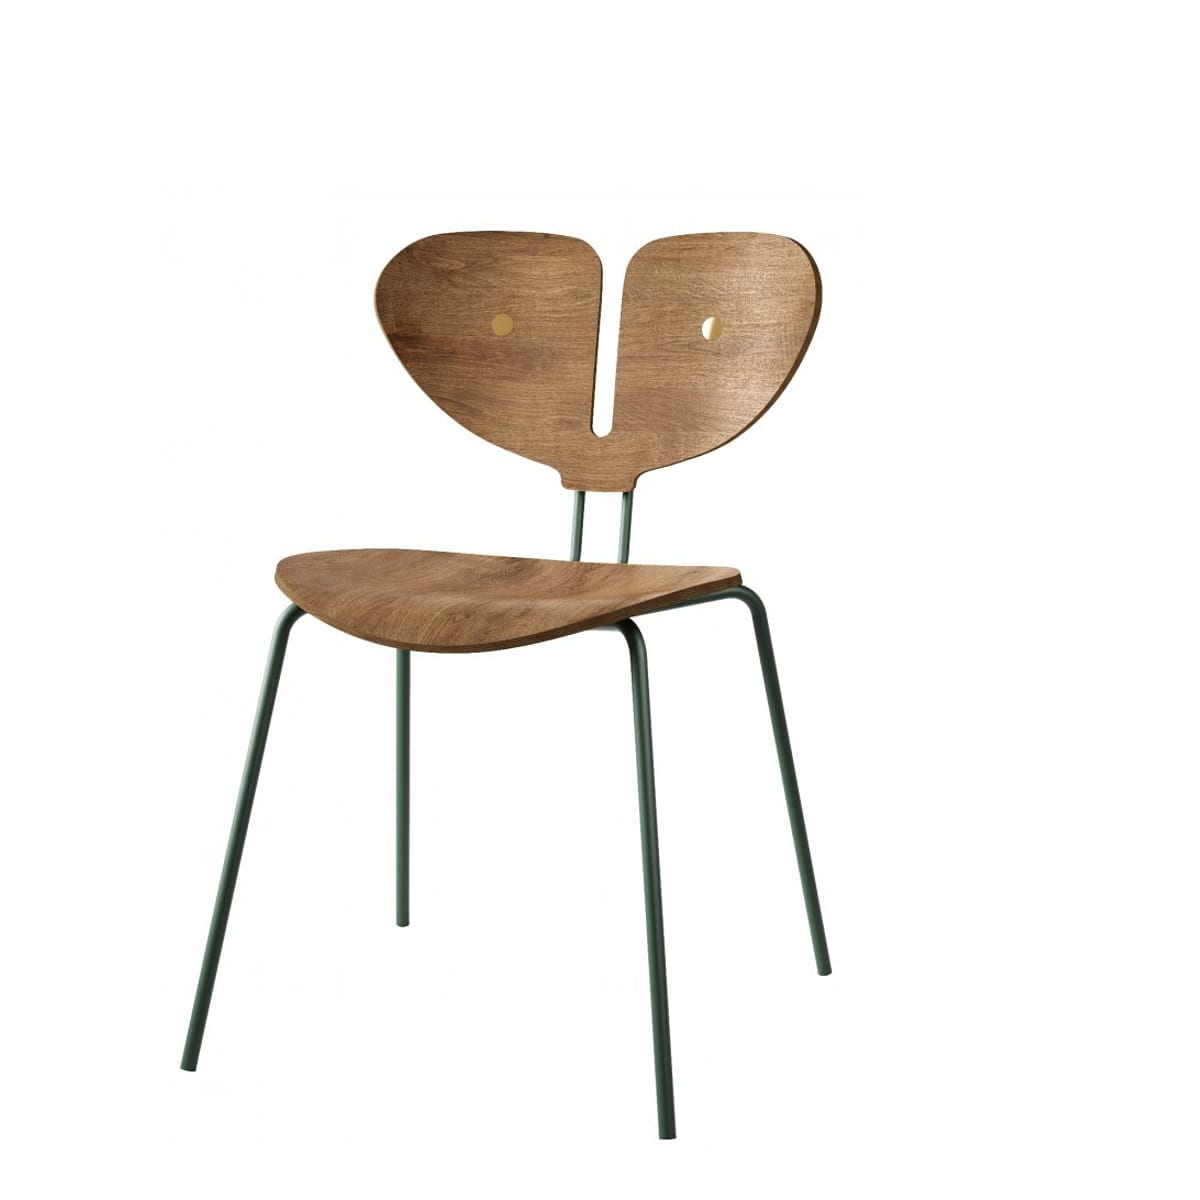 כסא מפוסל בעיצוב אלגנטי - כסאות יוקרה